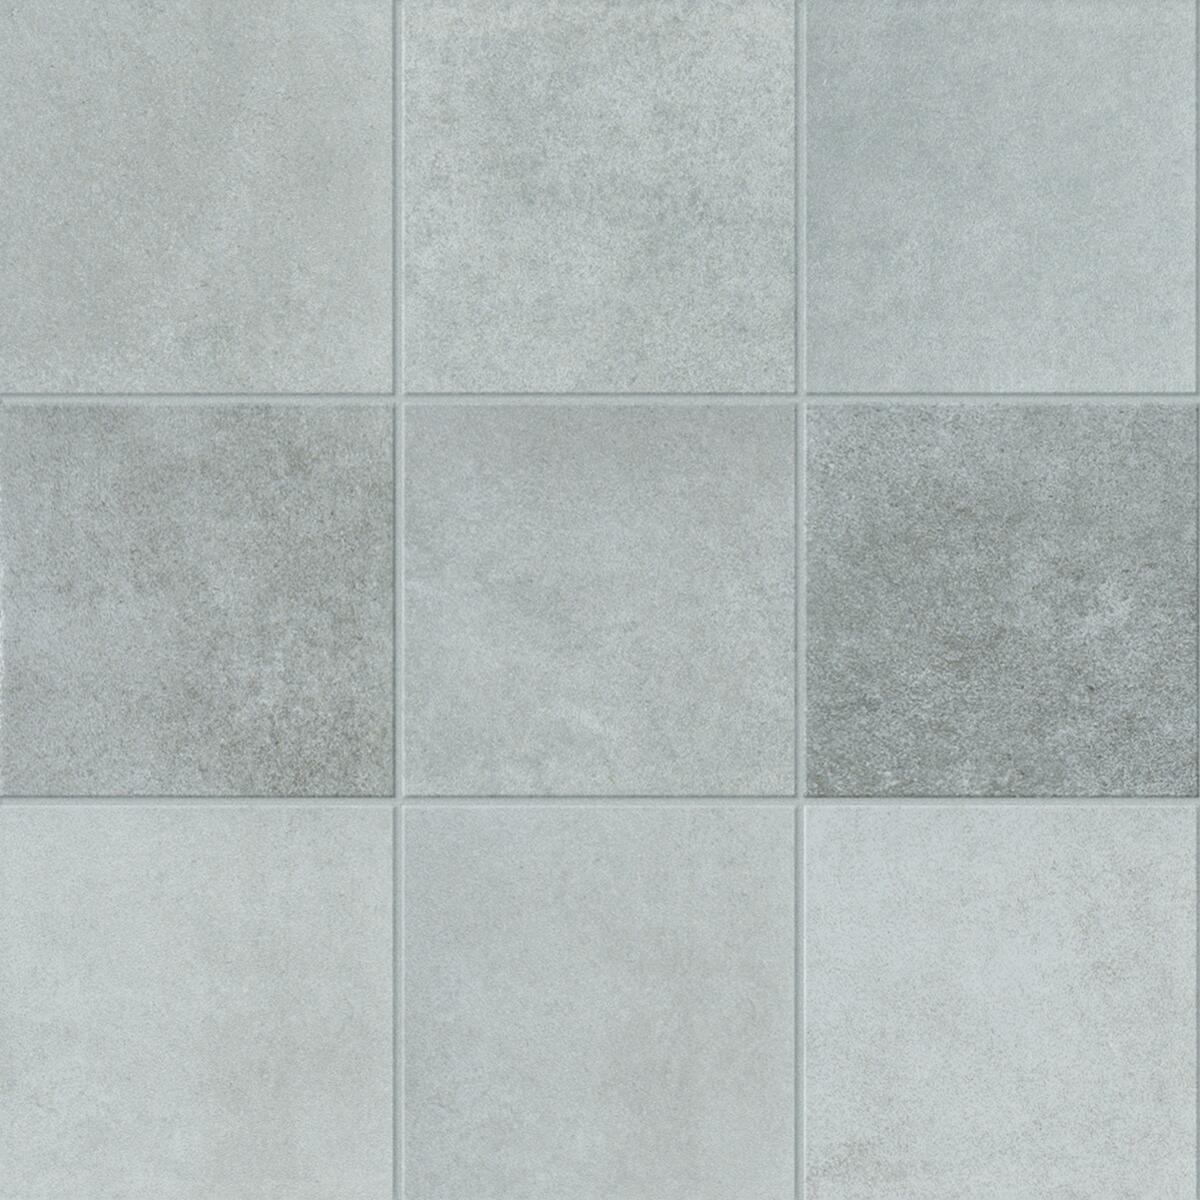 Piastrella Cement 10 x 10 cm sp. 8 mm PEI 4/5 grigio - 2